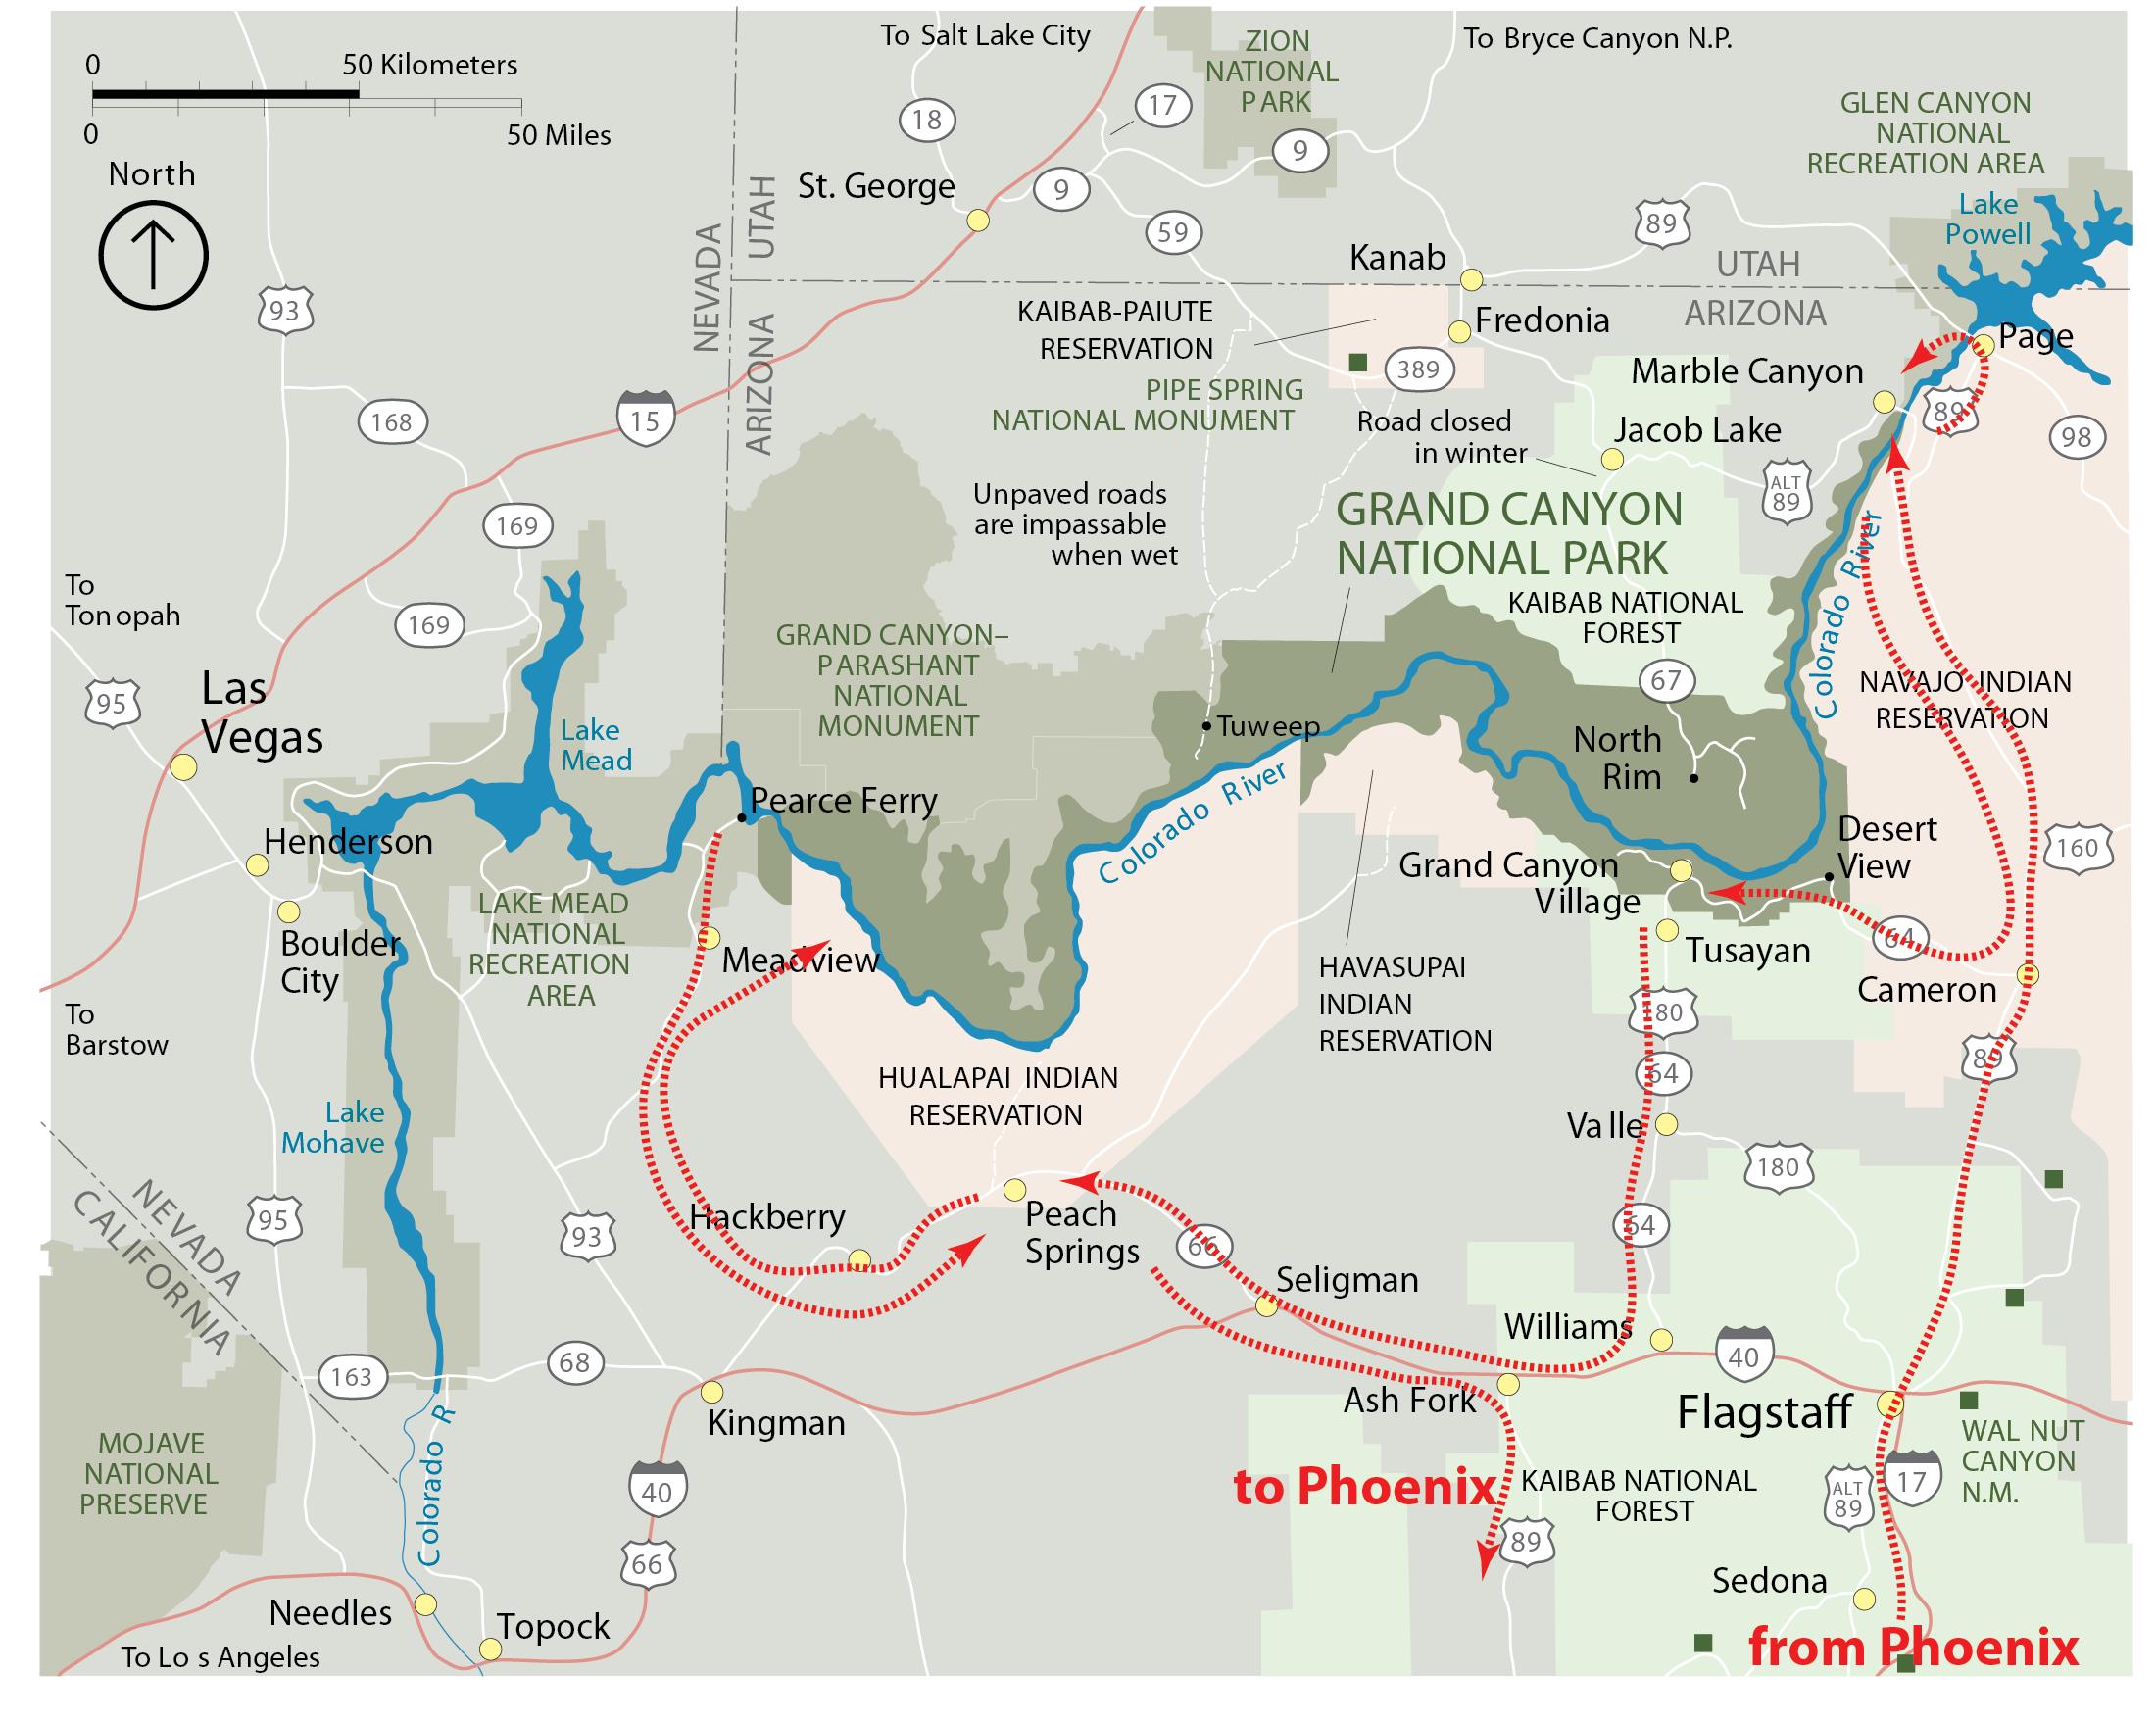 Hal Jespersens Grand Canyon Trip - Grand canyon tourist map